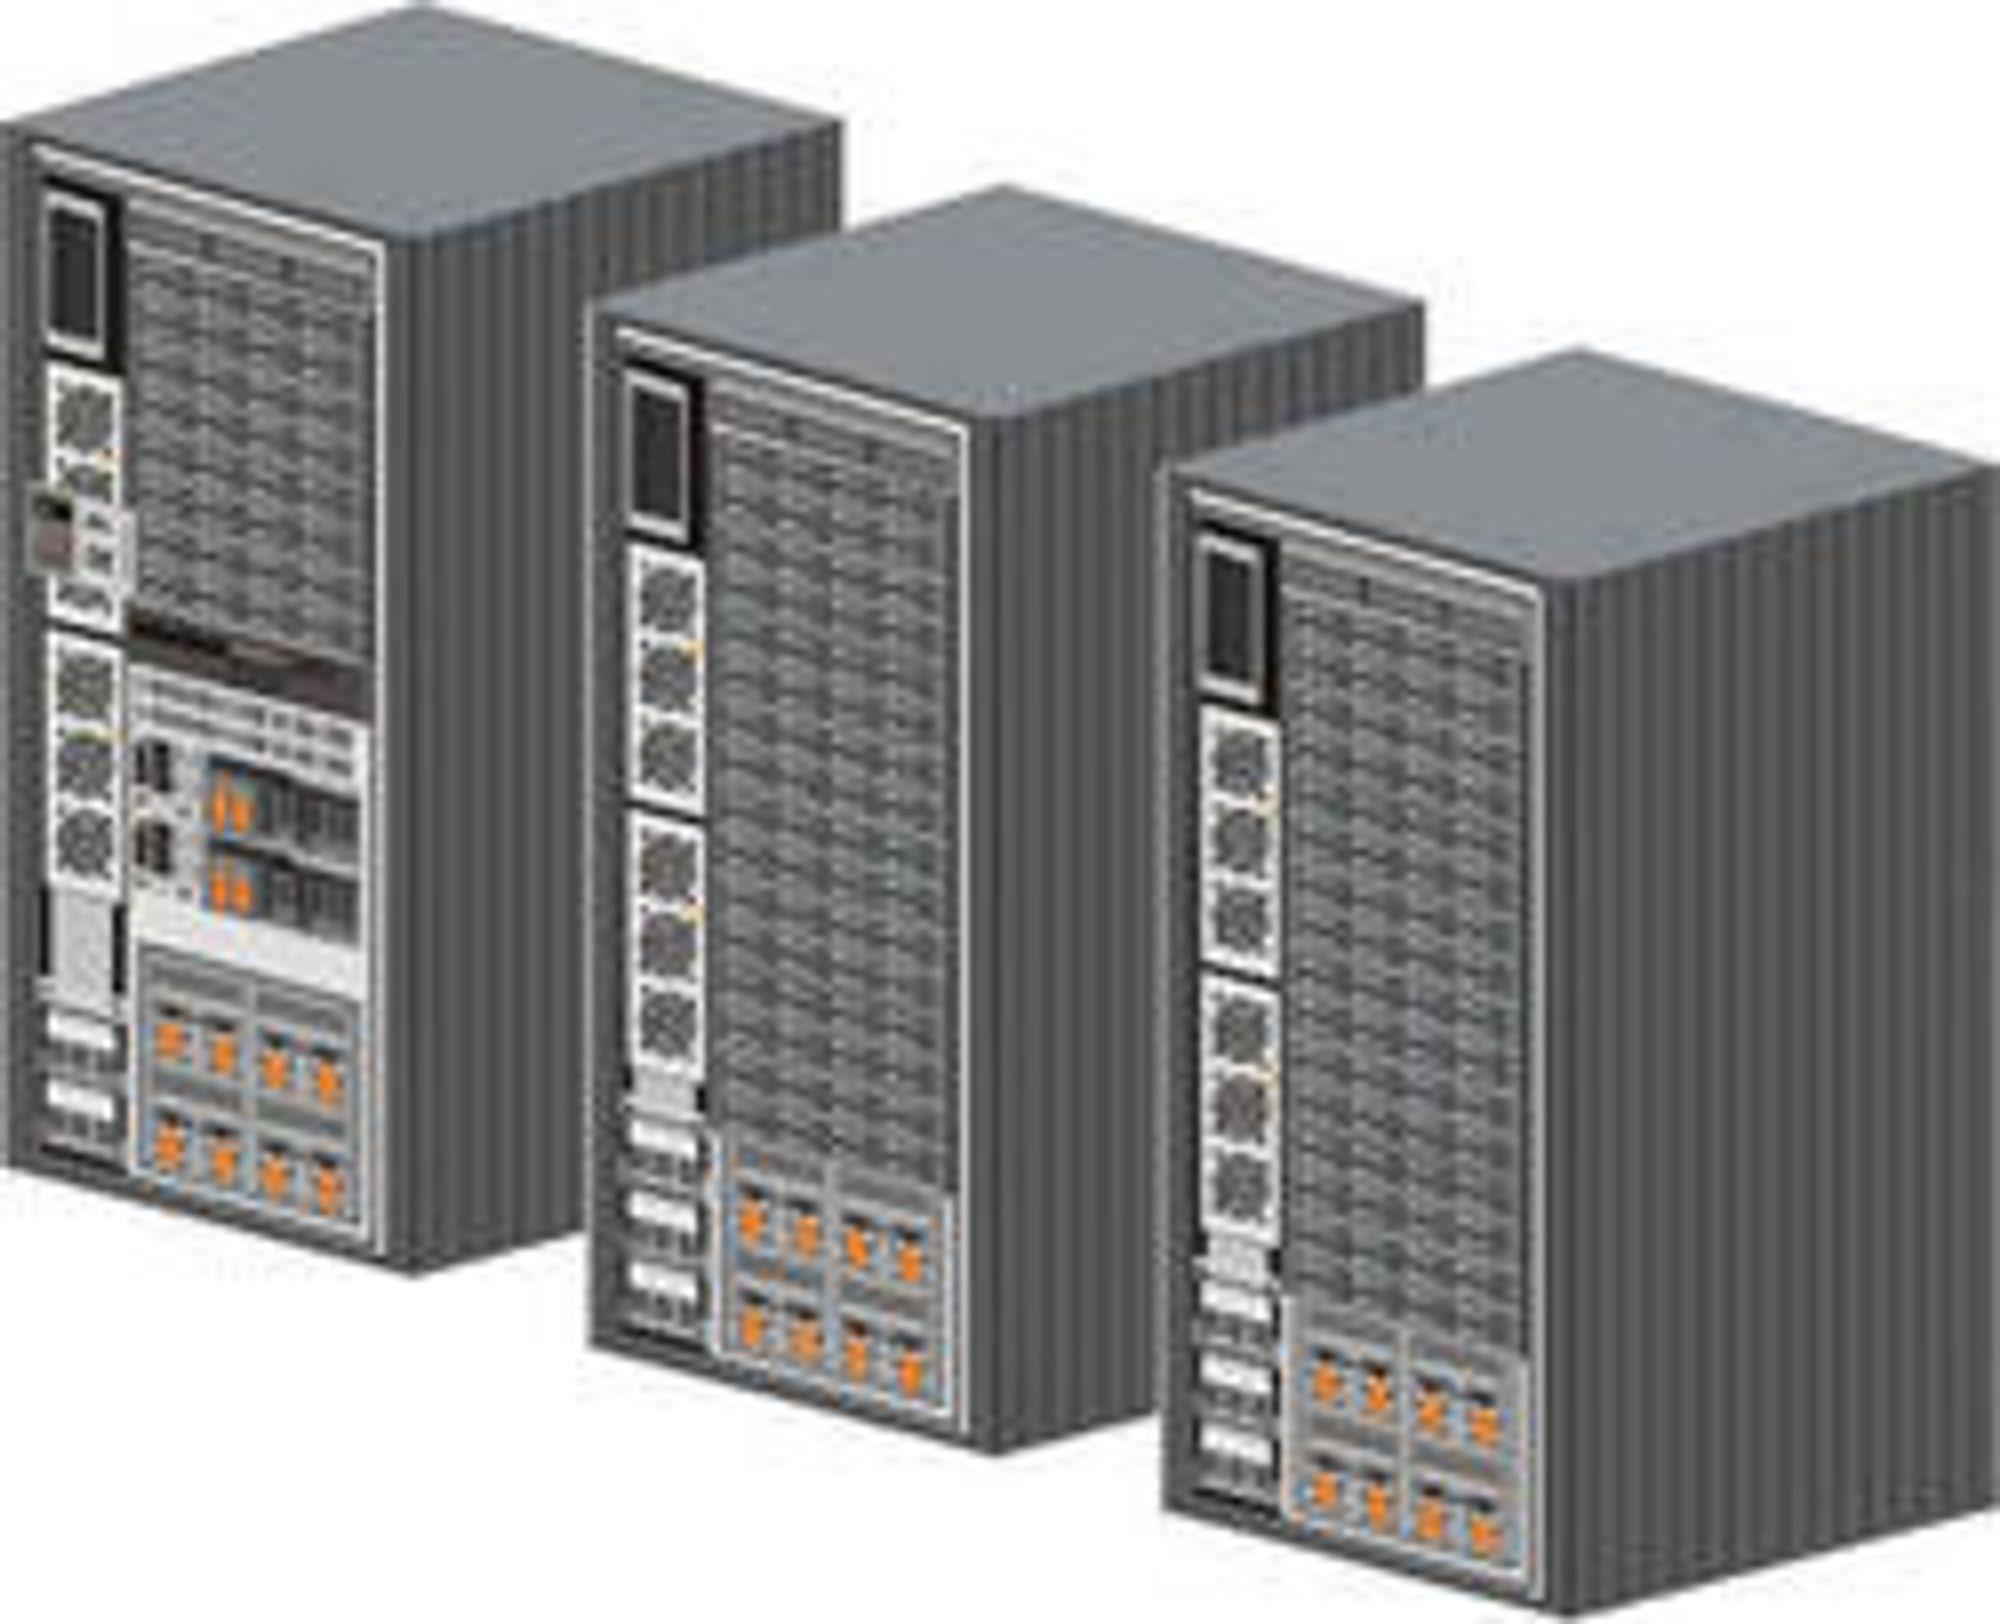 IBM DS8300, fullt utbygget til tre rack.